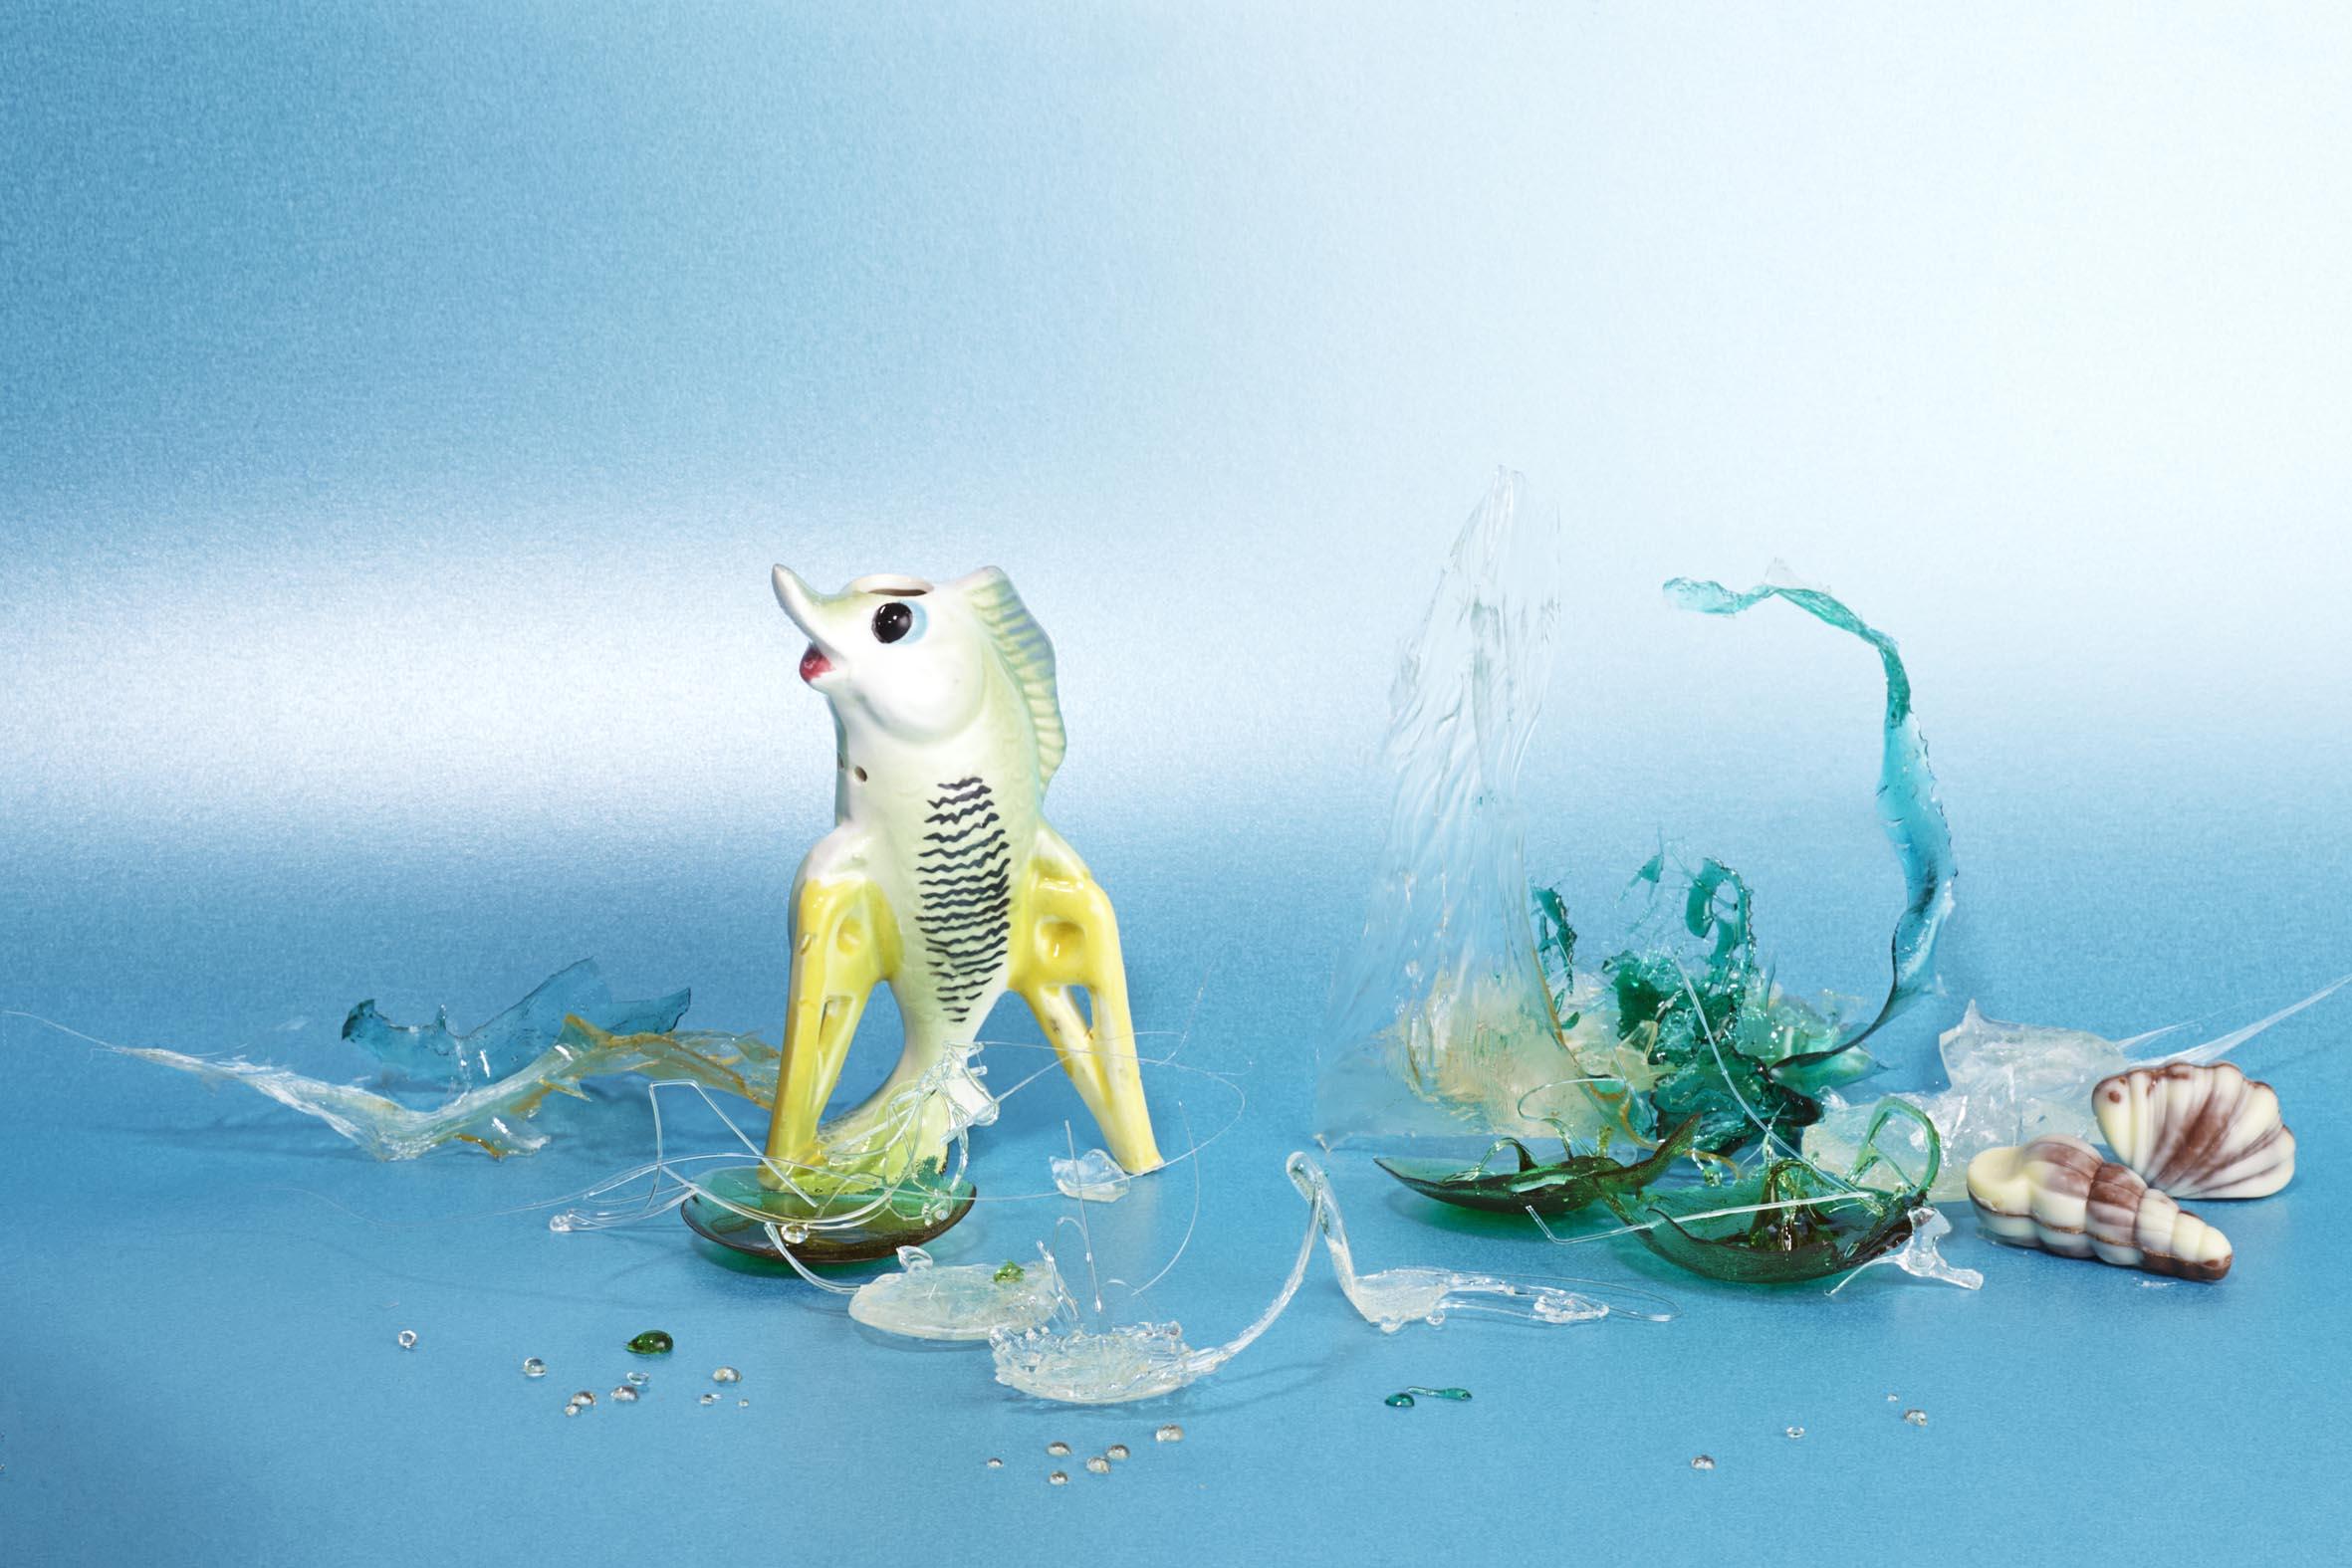 Sugar_Glacier Mint Aquarium.jpg